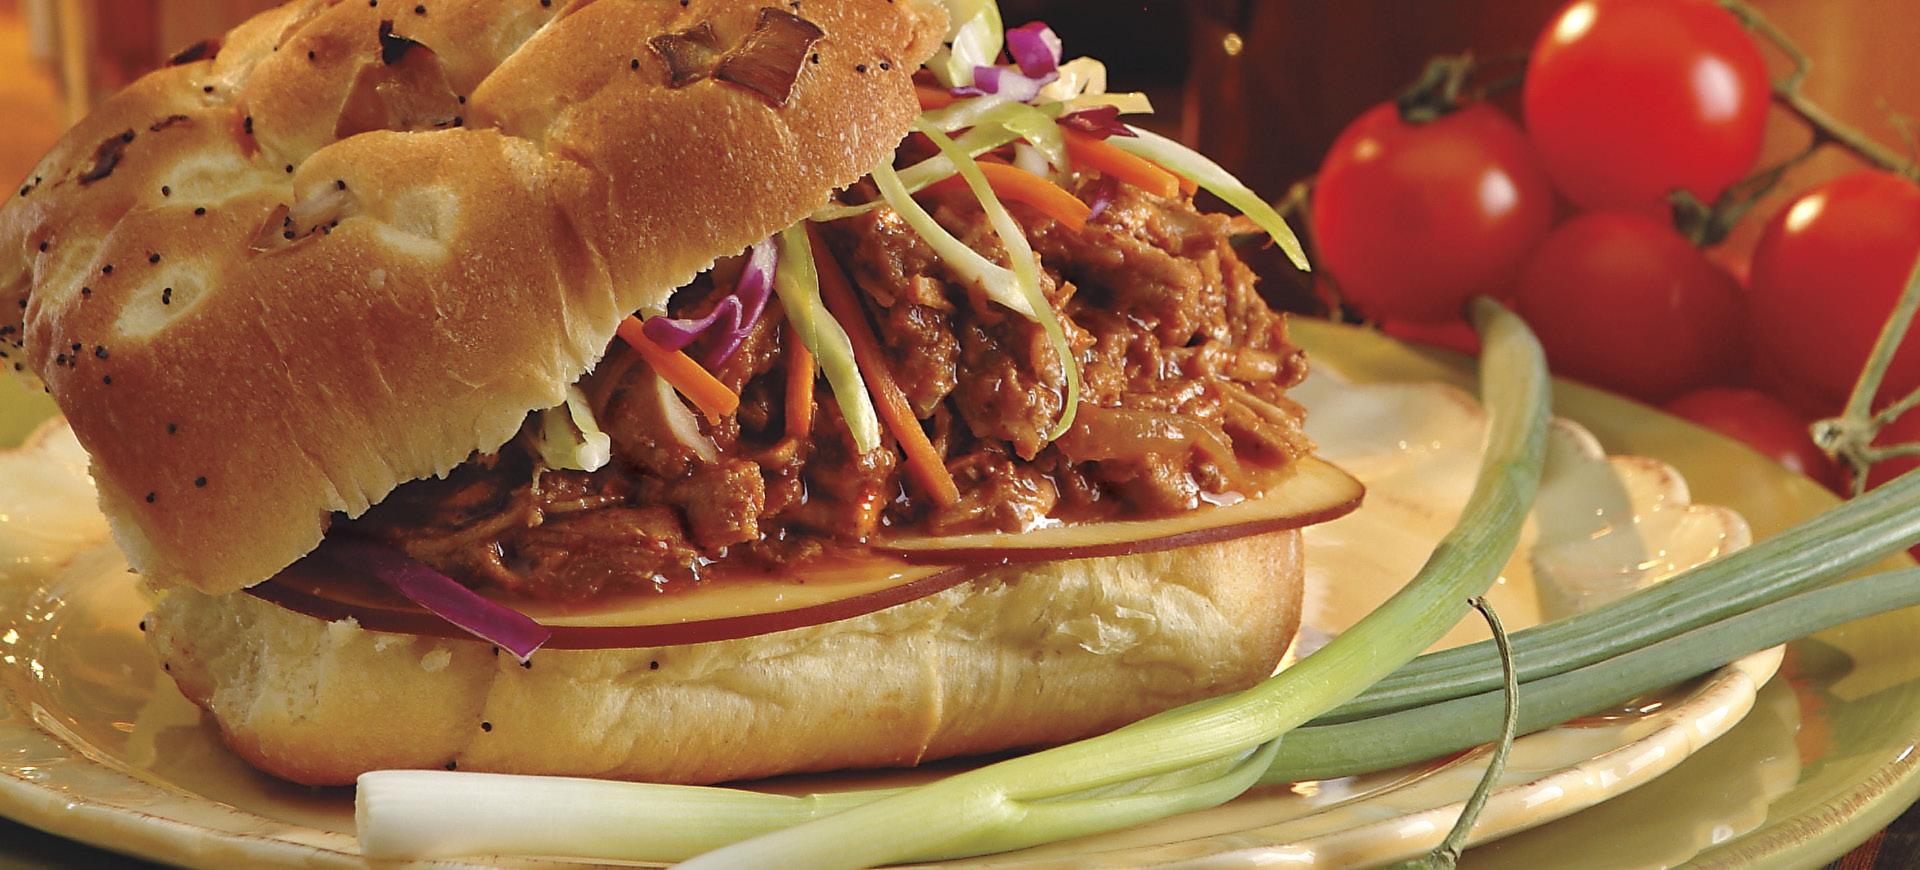 Smoky BBQ Pork Sandwiches - Schnucks